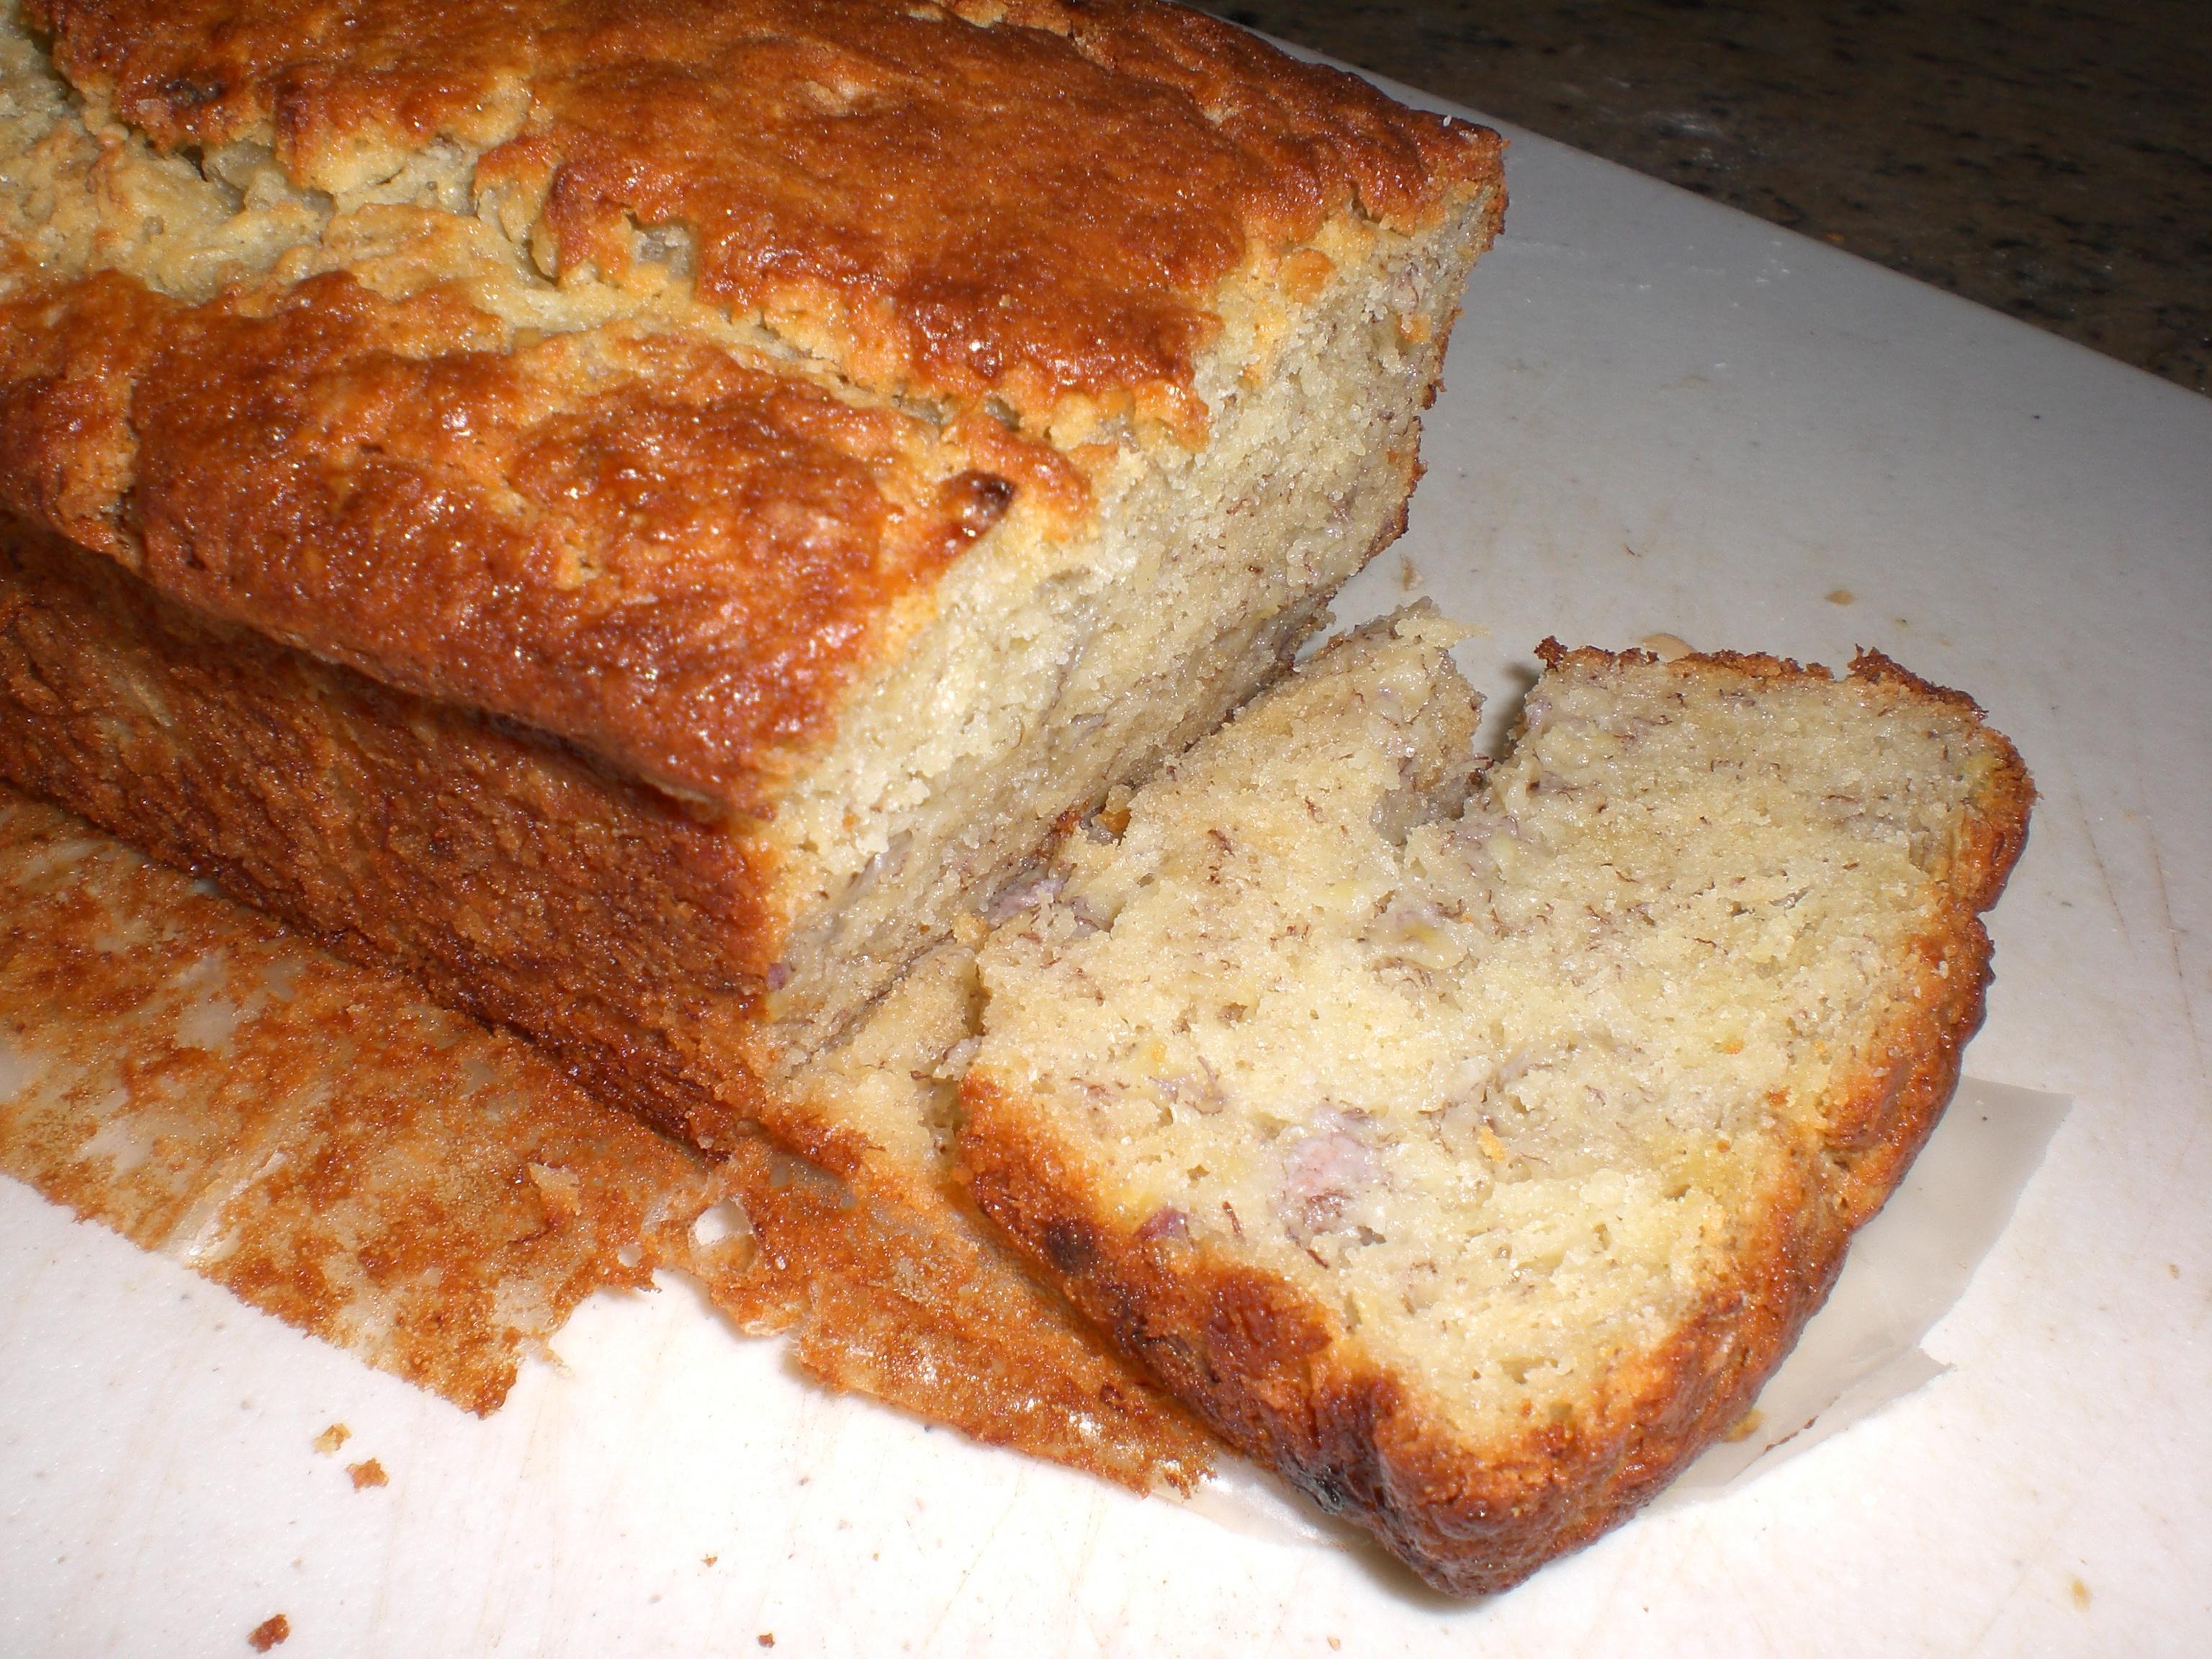 Easy bake banana bread recipe